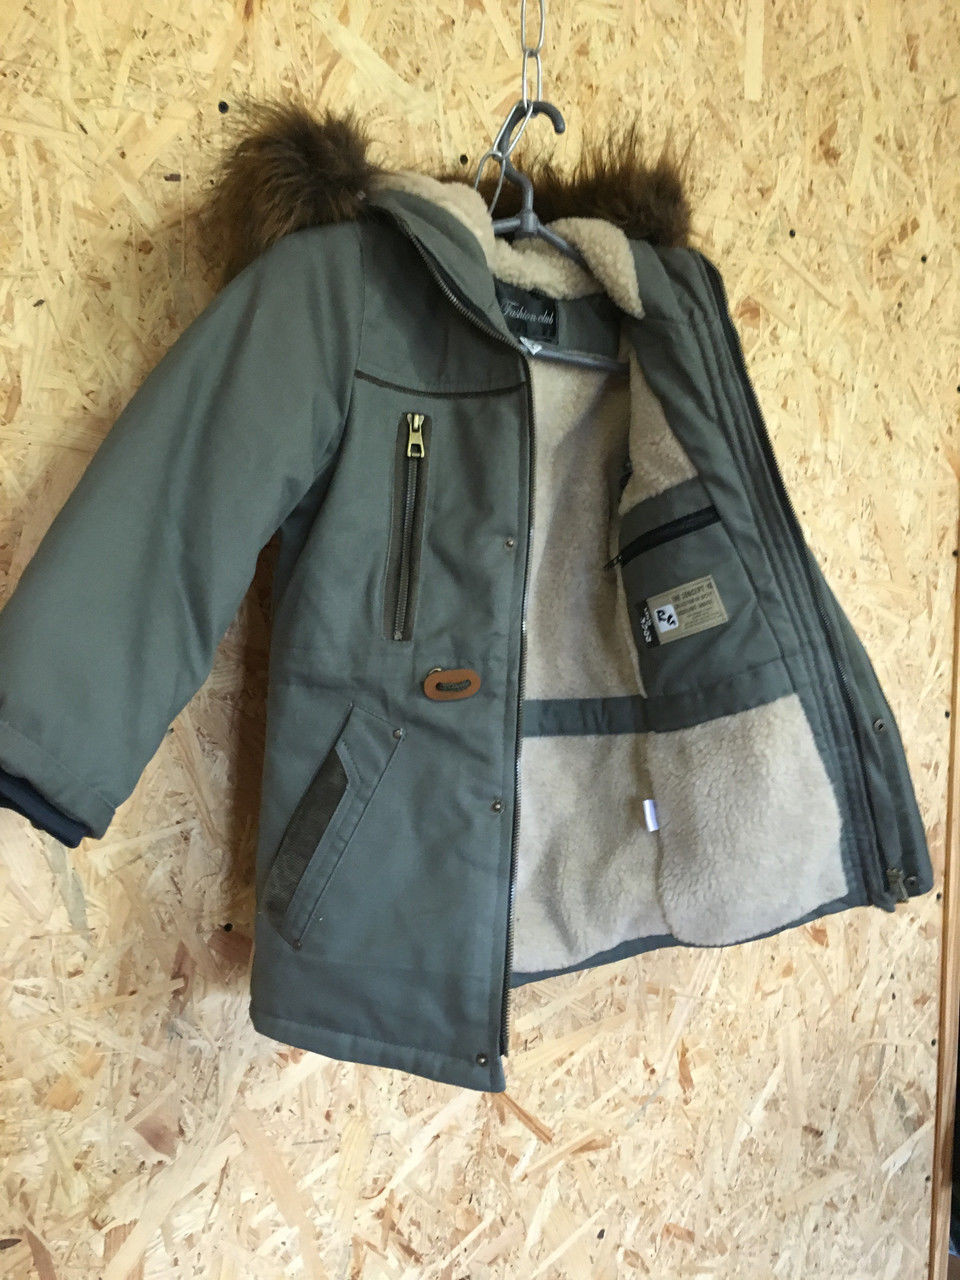 Зимняя детская одежда для мальчика